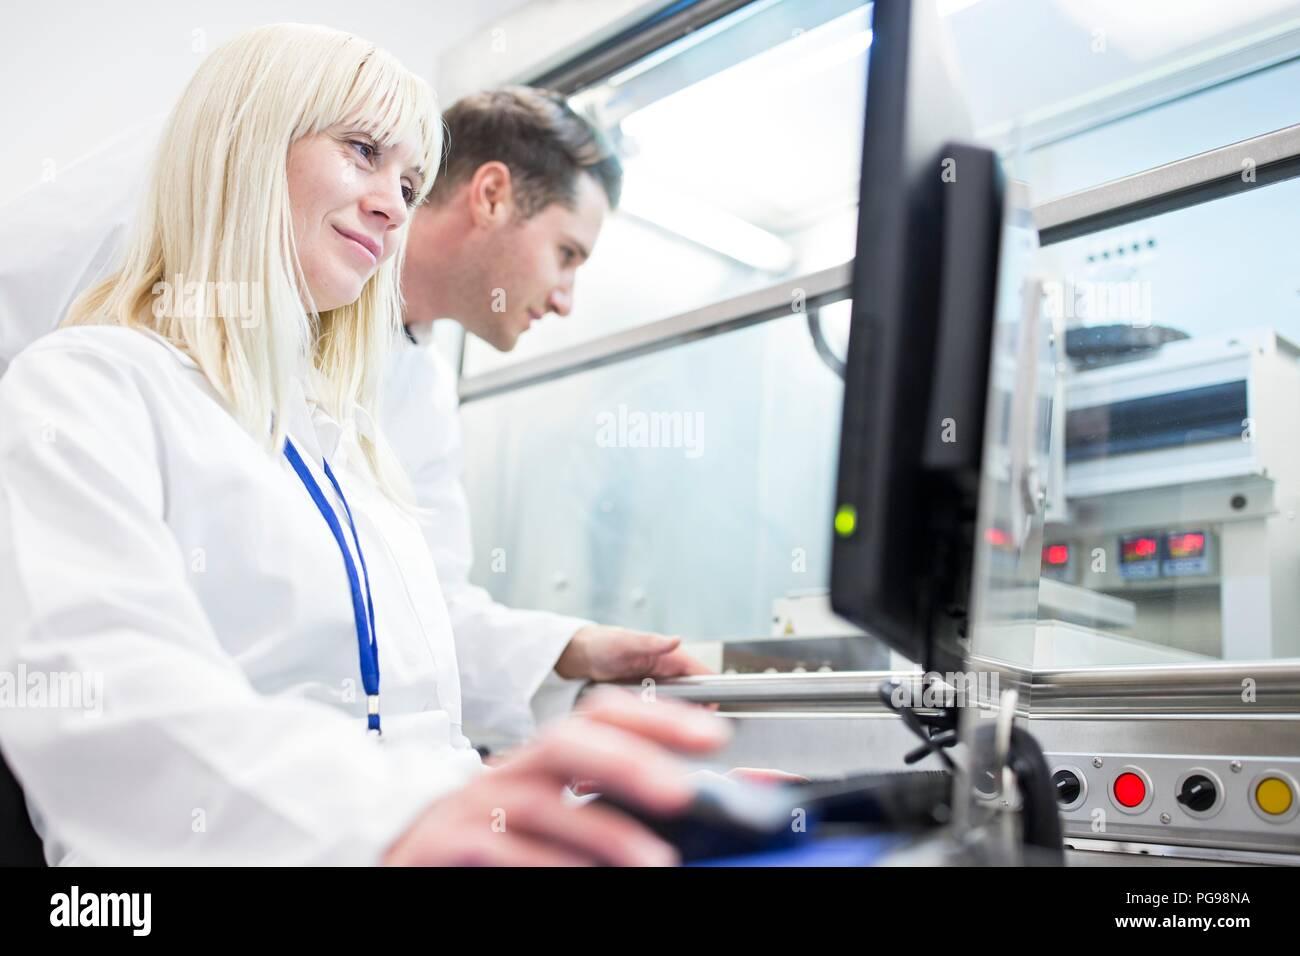 Los científicos utilizando una impresora 3D biológica. La máquina se puede utilizar una gama de biomaterial para imprimir como estructuras de tejido. Imagen De Stock